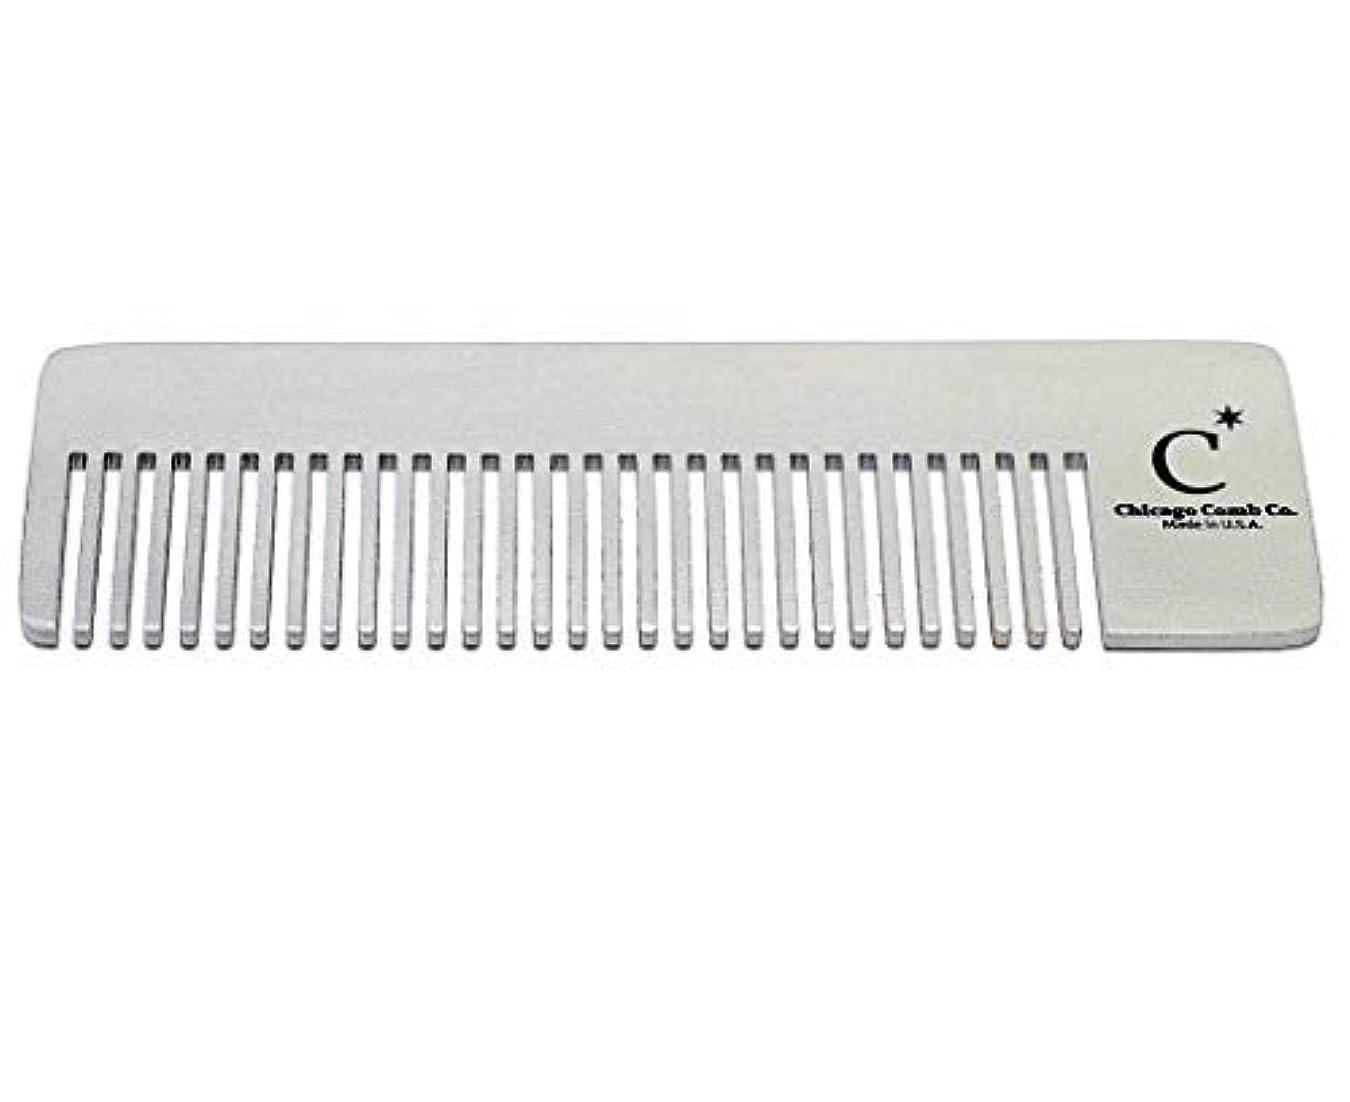 合法以前は南アメリカChicago Comb Model 4 Standard, Made in USA, Stainless Steel, Ultimate Pocket Comb, Beard & Mustache, Medium-Fine...